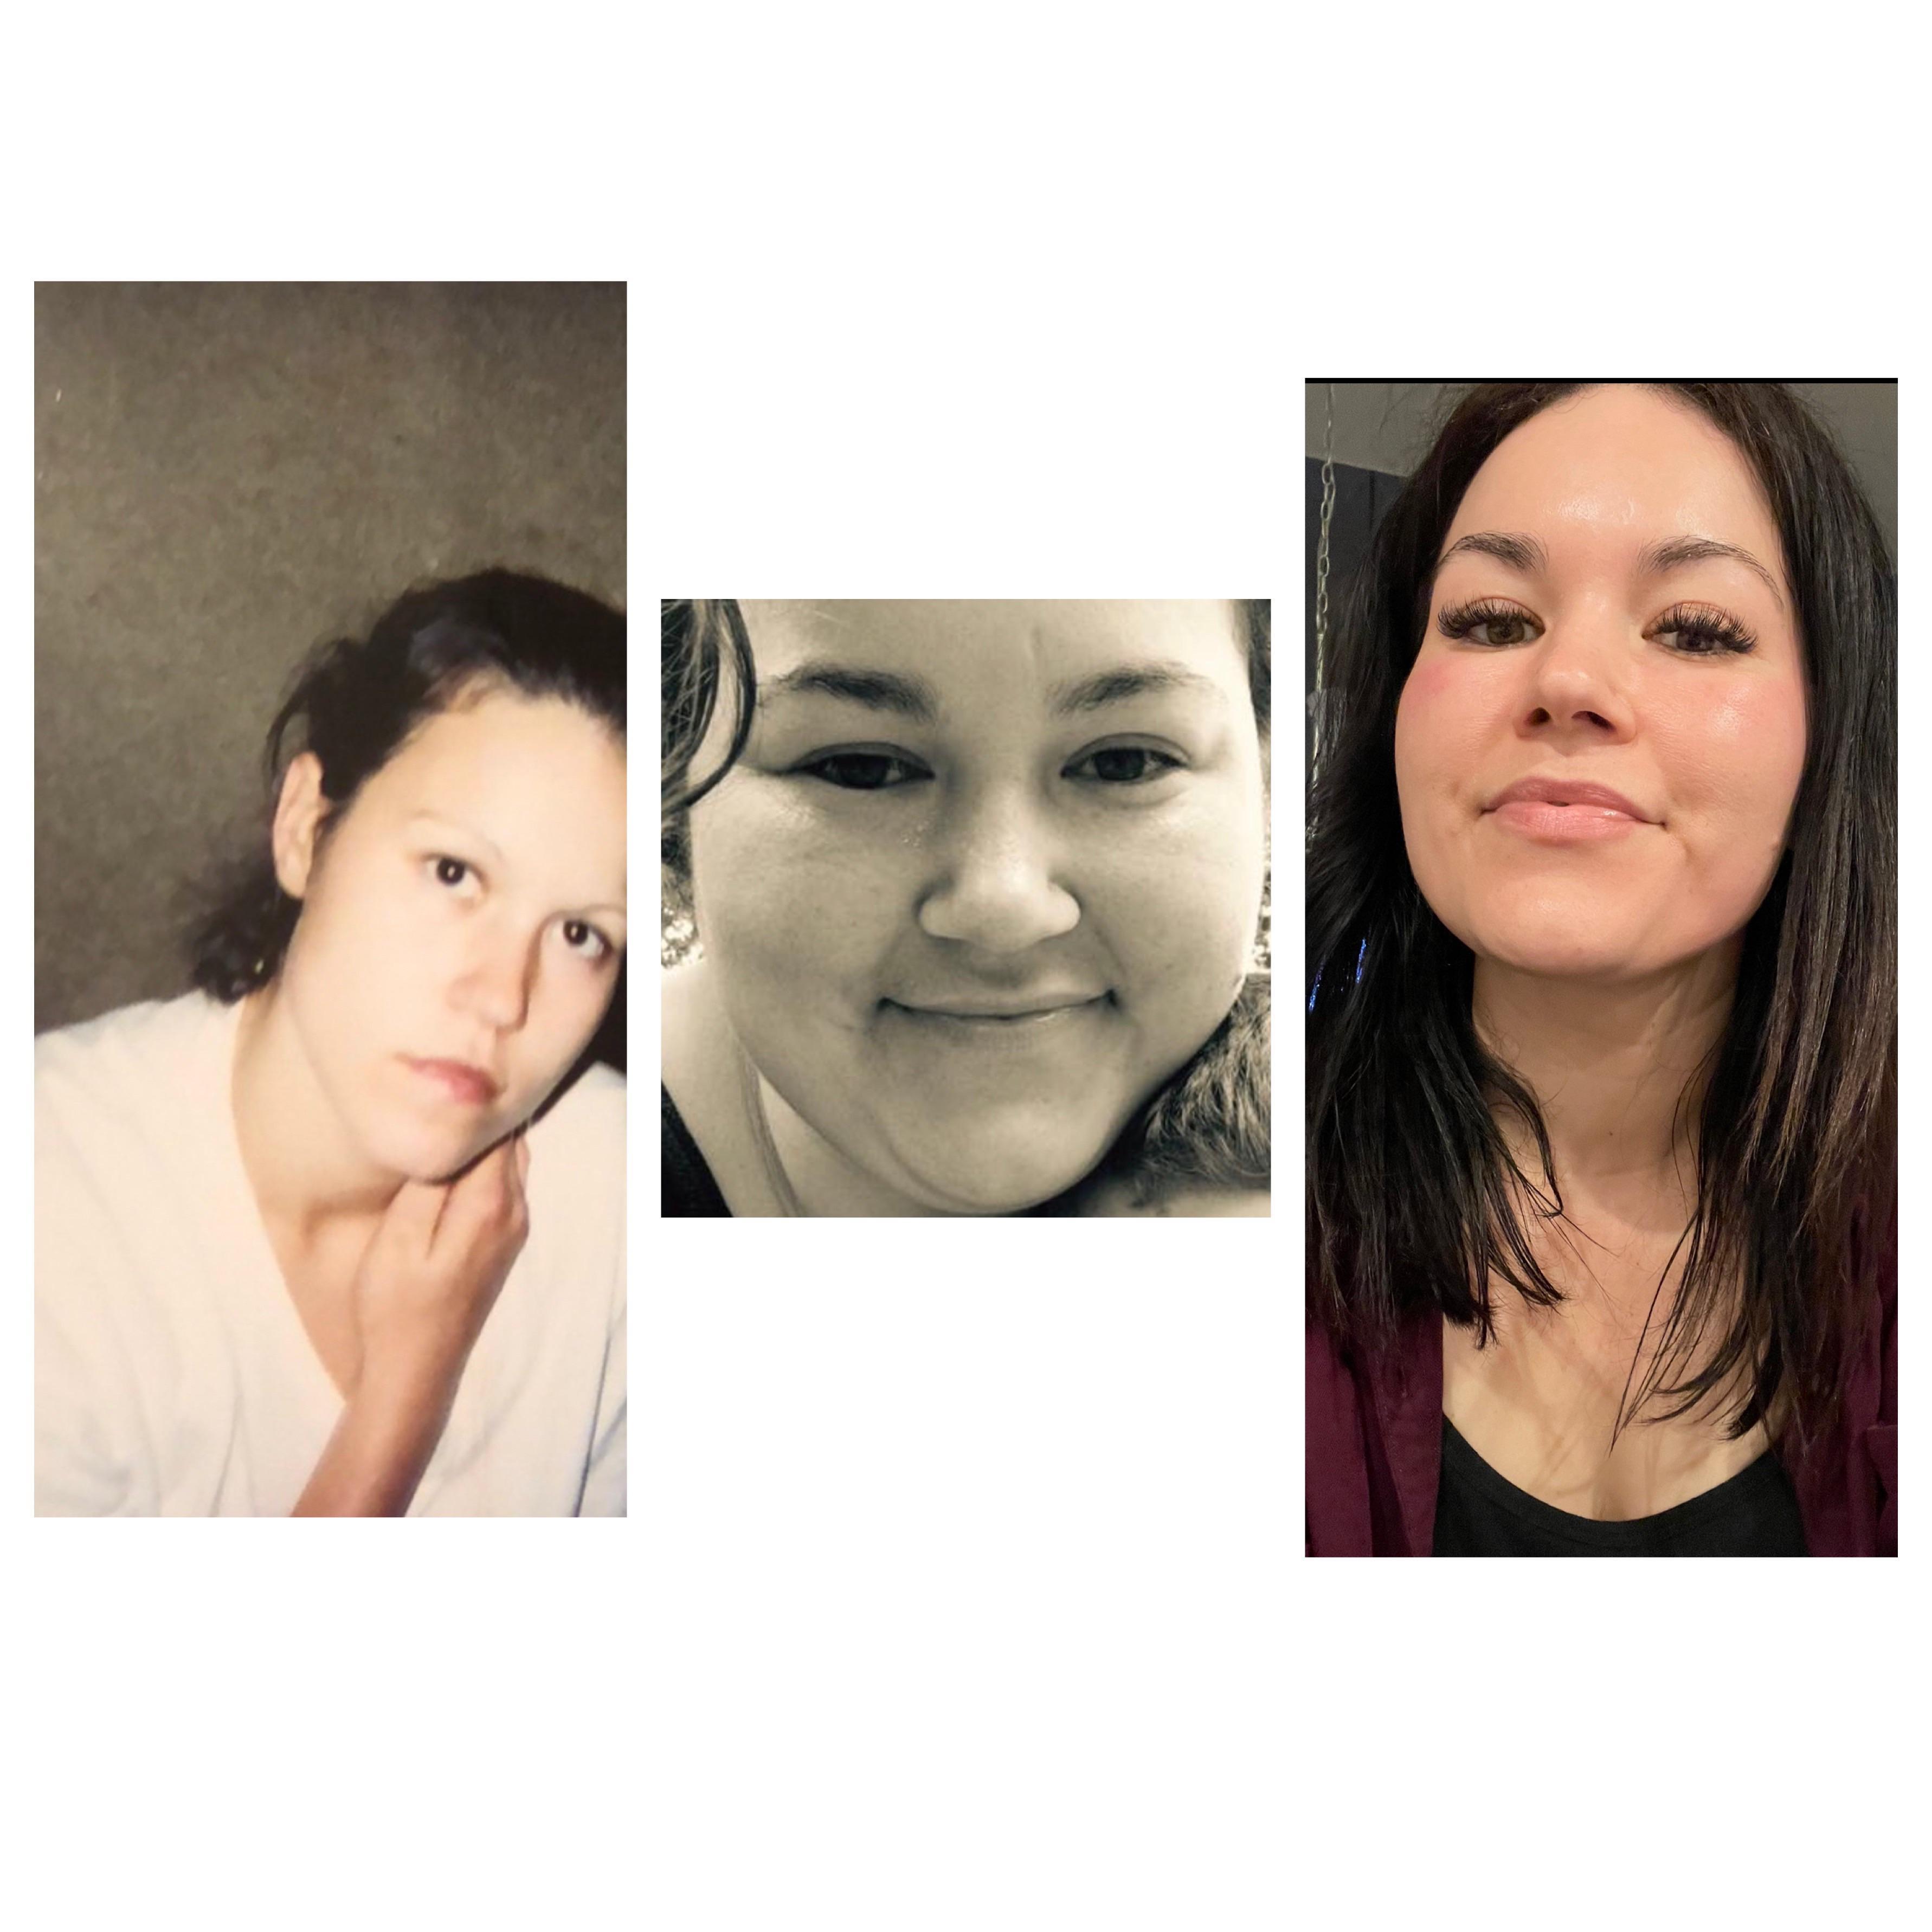 Progress Pics of 140 lbs Fat Loss 5 foot 6 Female 330 lbs to 190 lbs